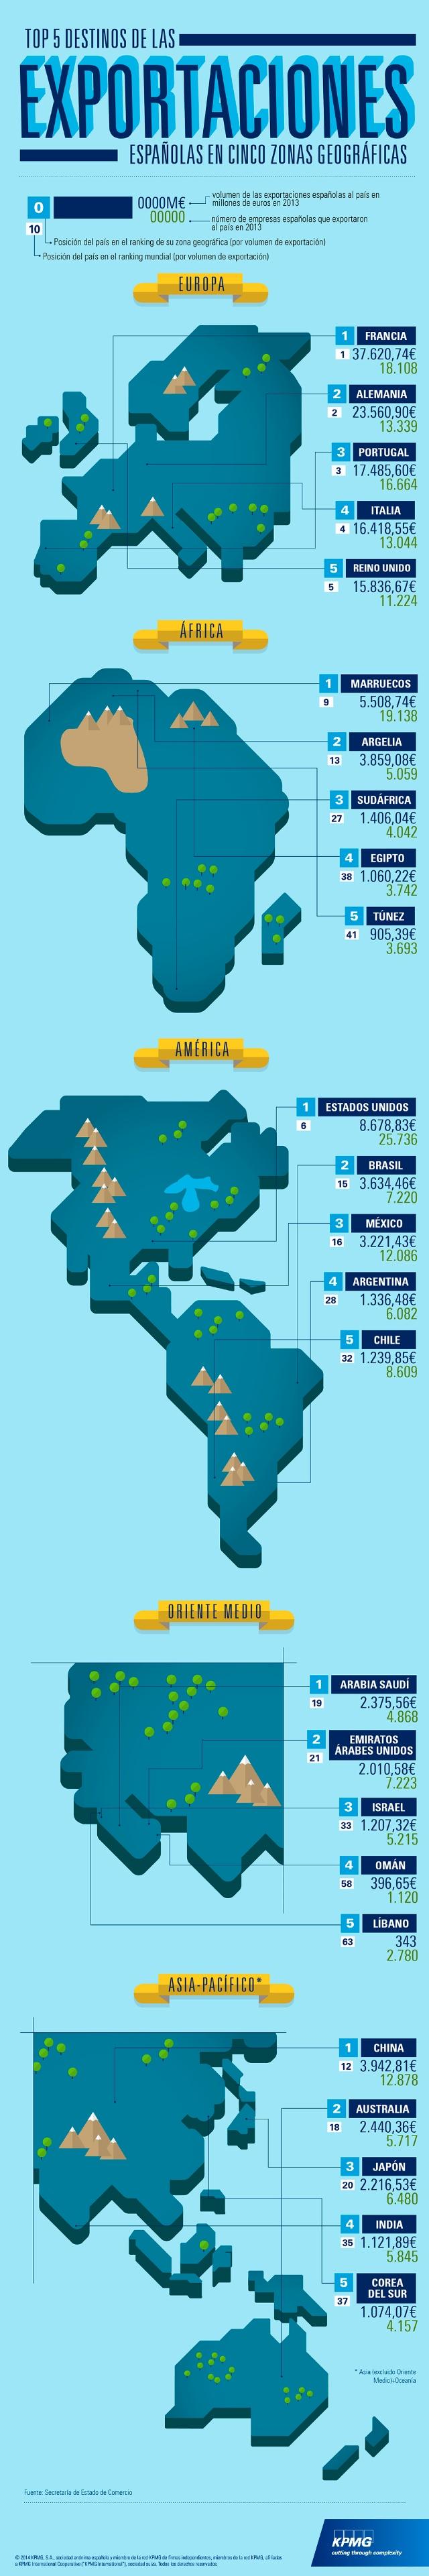 Infografía: Top 5 destinos de las exportaciones españolas en cinco zonas geográficas